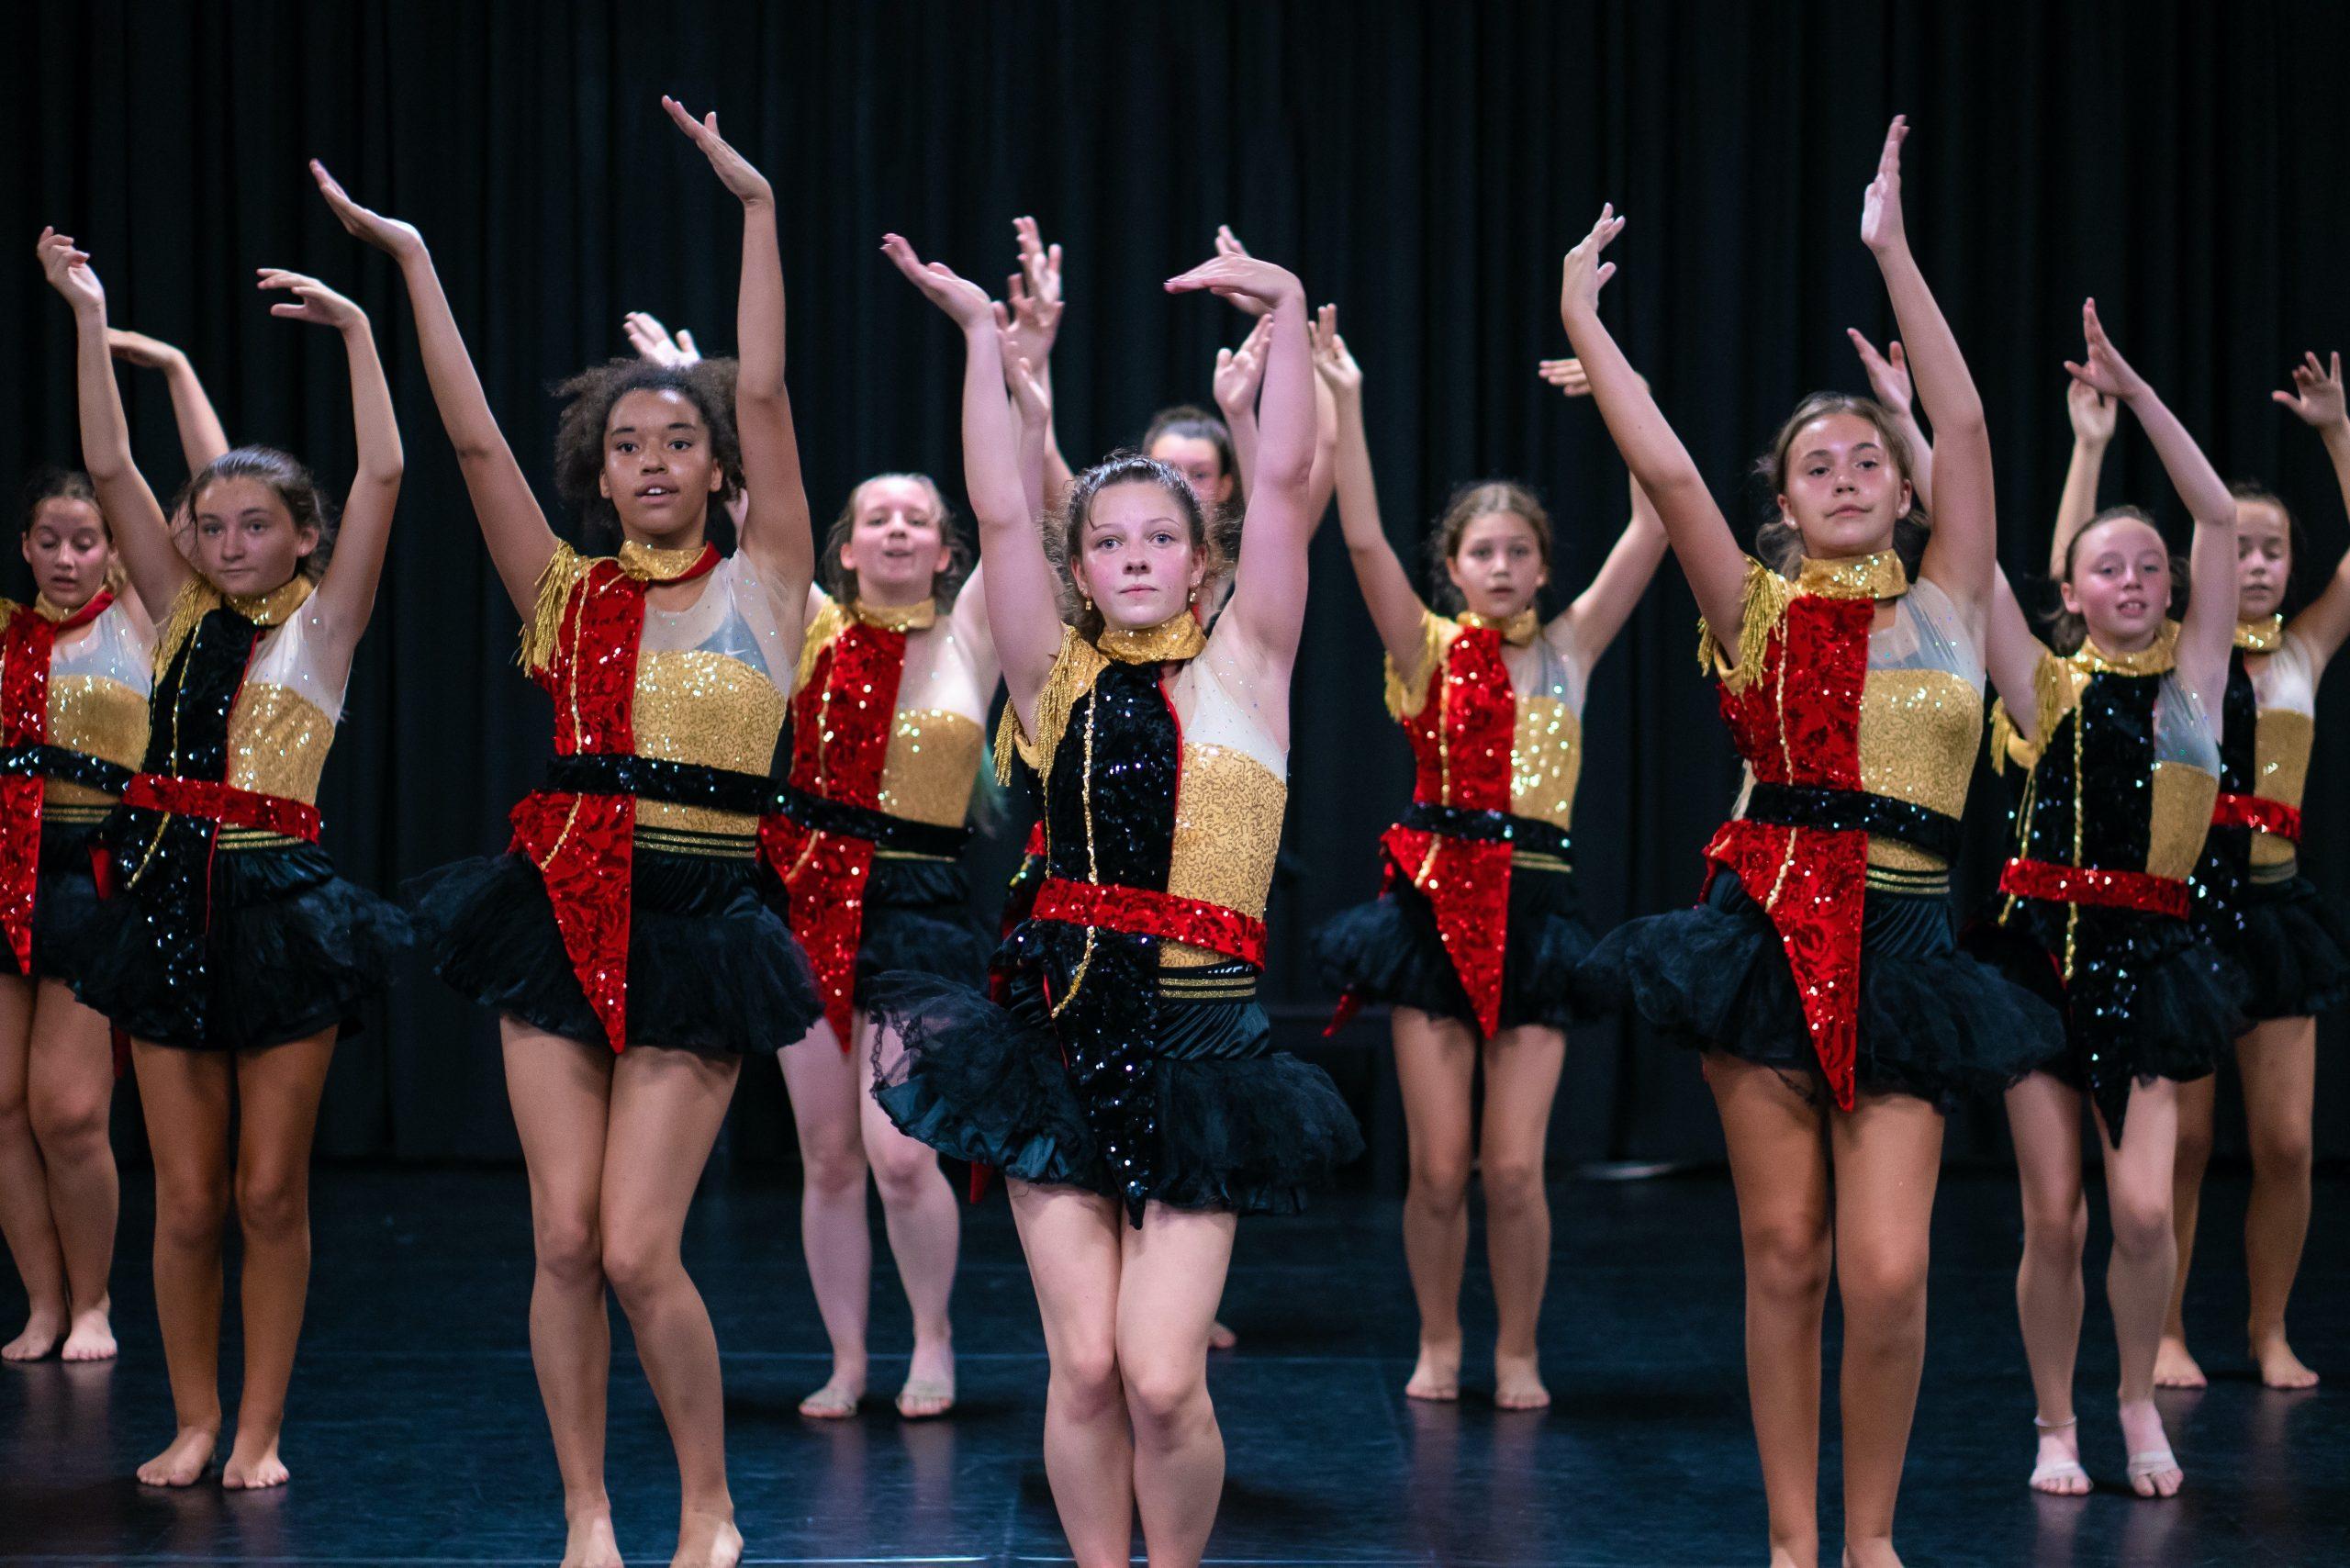 The Musical Academy vakantiekampen lokten bijna 300 jongeren - The Musical Factory vakantiekampen deelnemers scaled